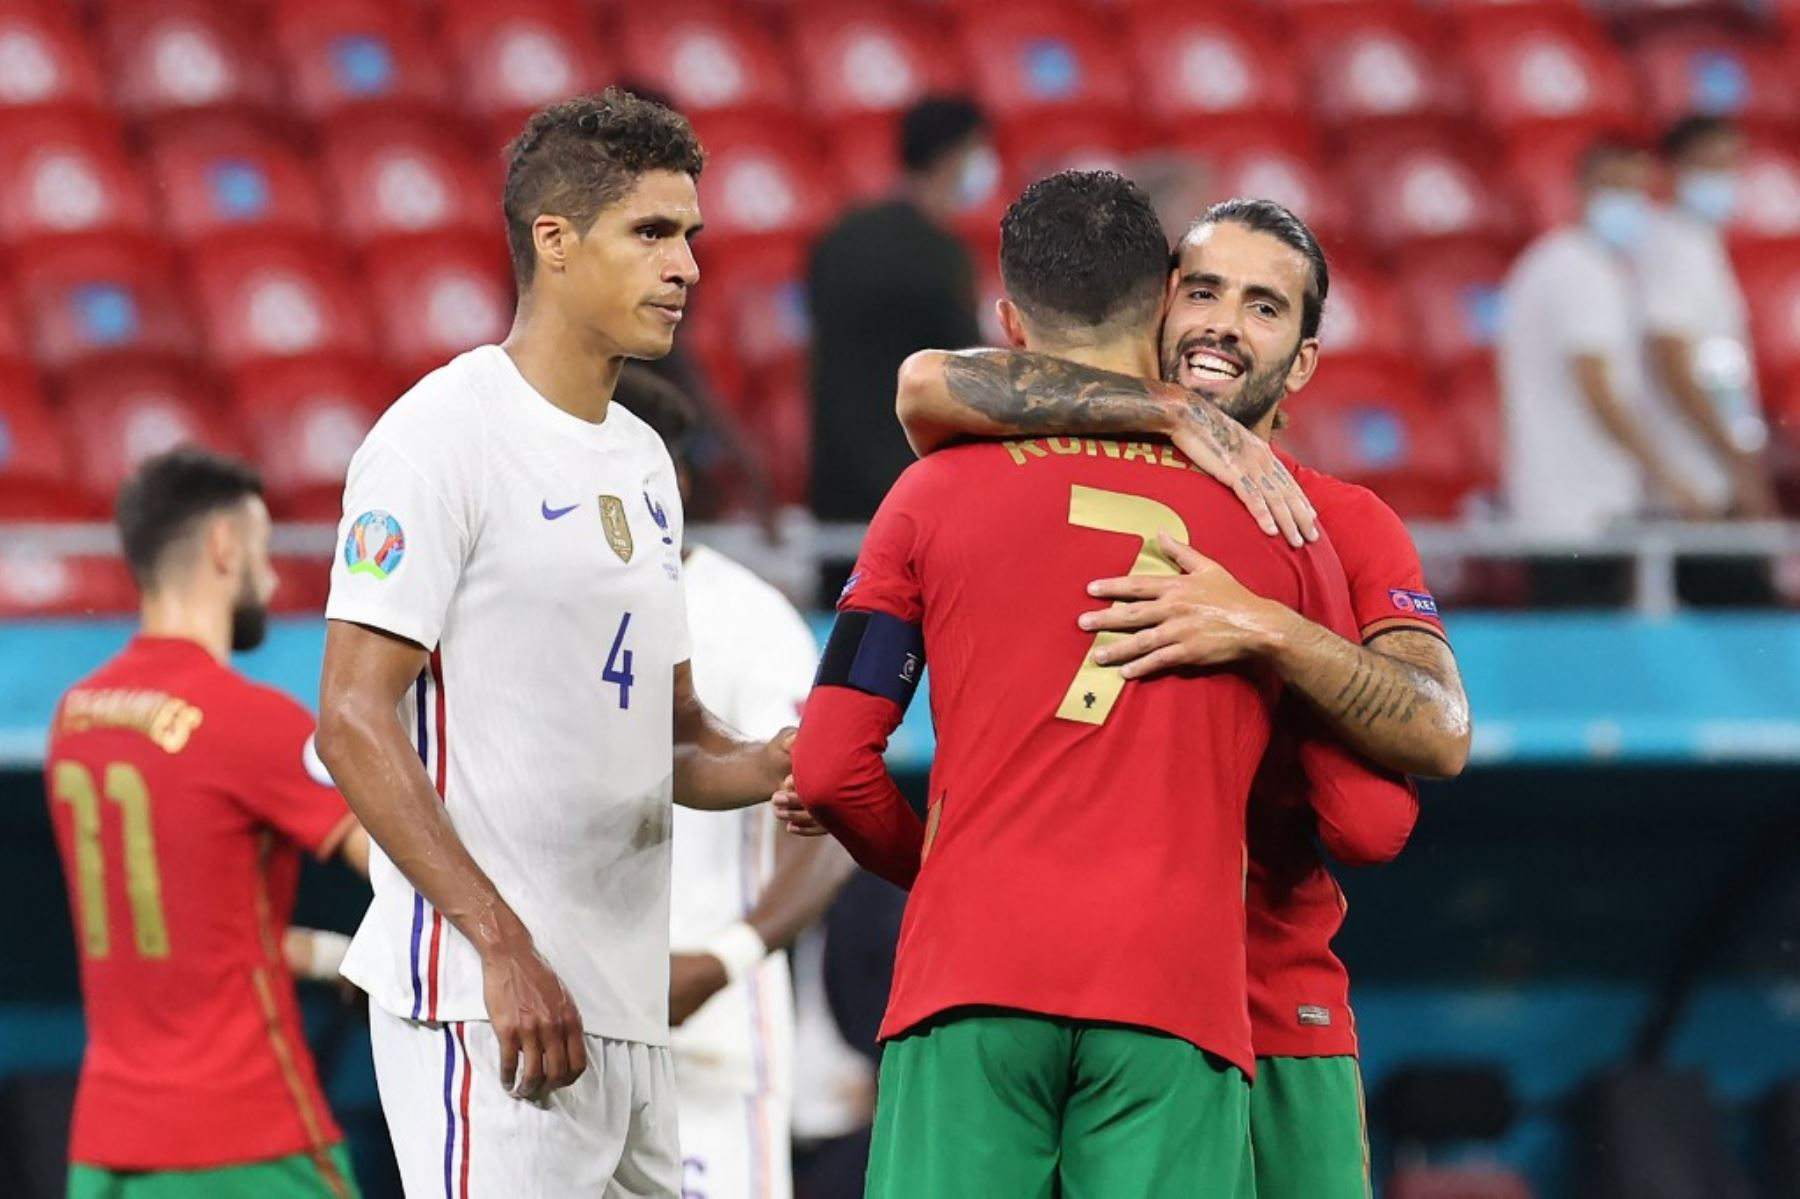 Francia y Portugal repartieron puntos y ambos se instalaron en los octavos de final de la Eurocopa.